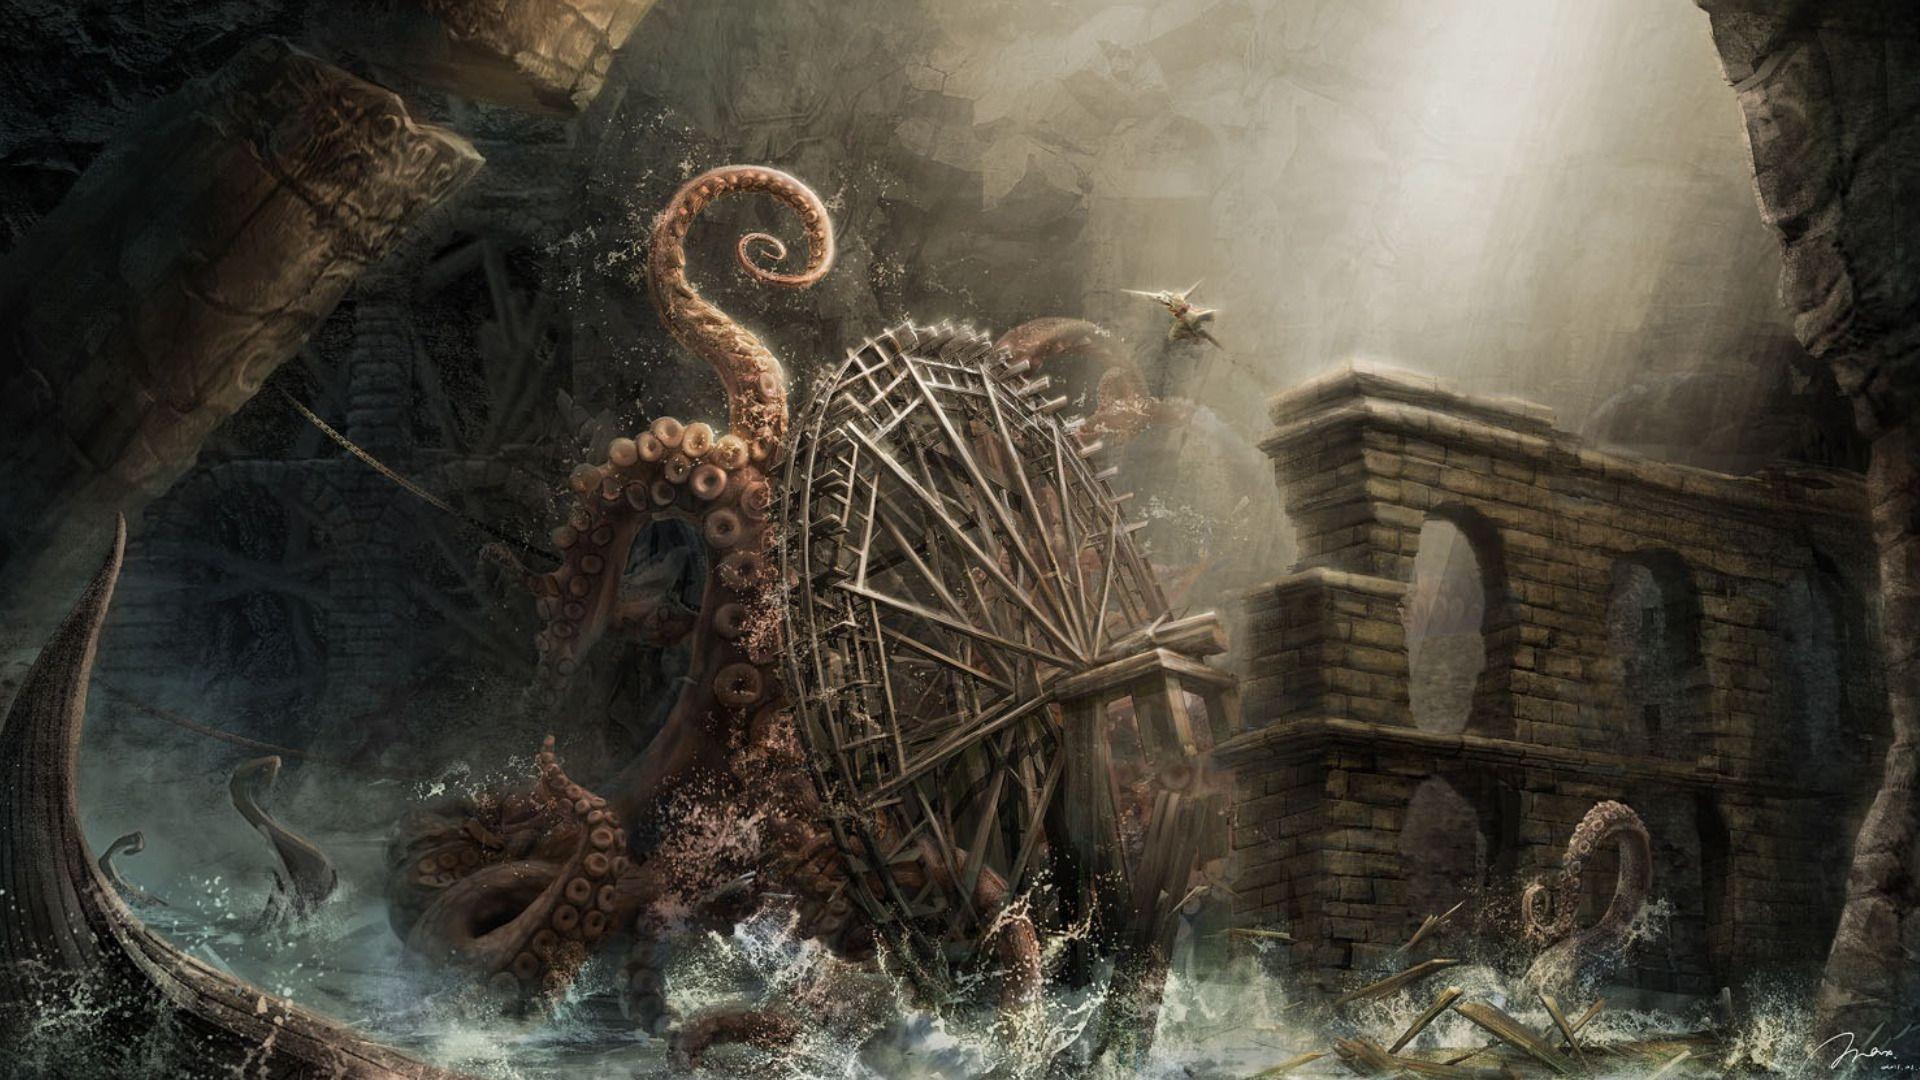 kraken wallpaper wallpapers jhonyvelascojpg - photo #2